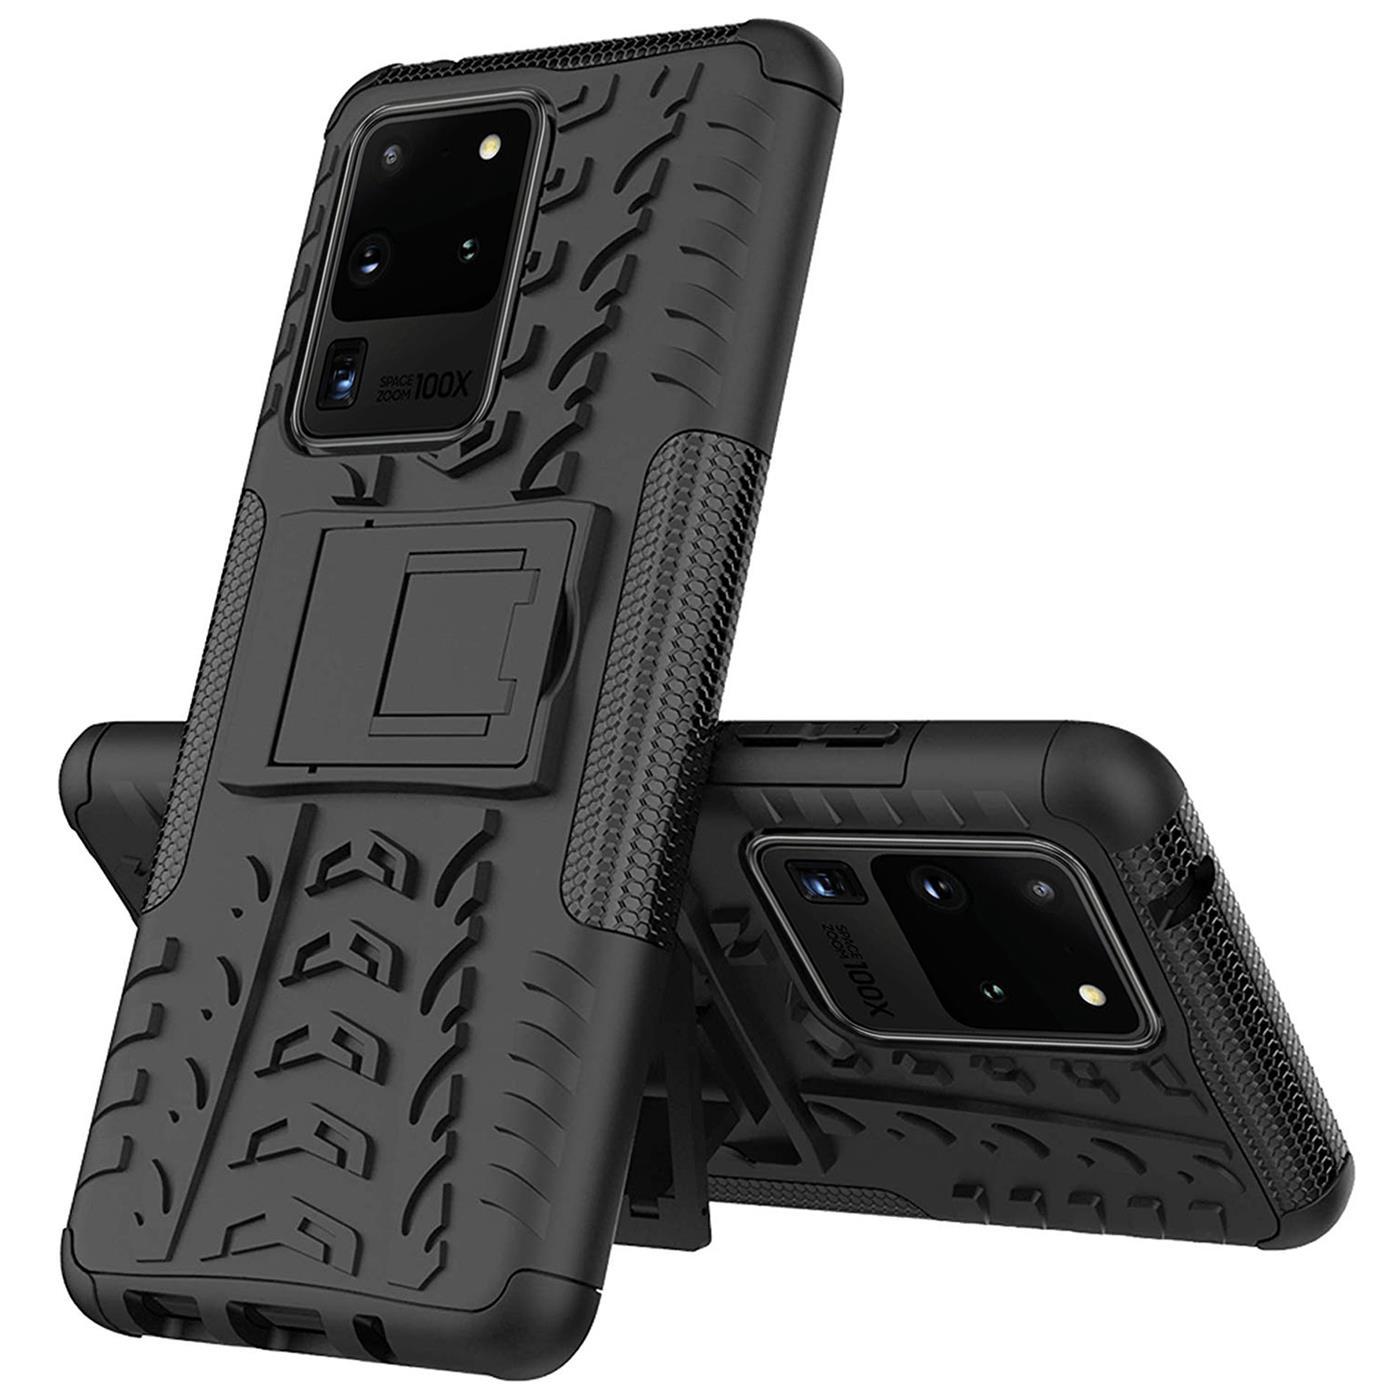 Samsung-Galaxy-S20-Serie-Schutzhuelle-Rugged-Handy-Tasche-Robust-Outdoor-Cover Indexbild 22